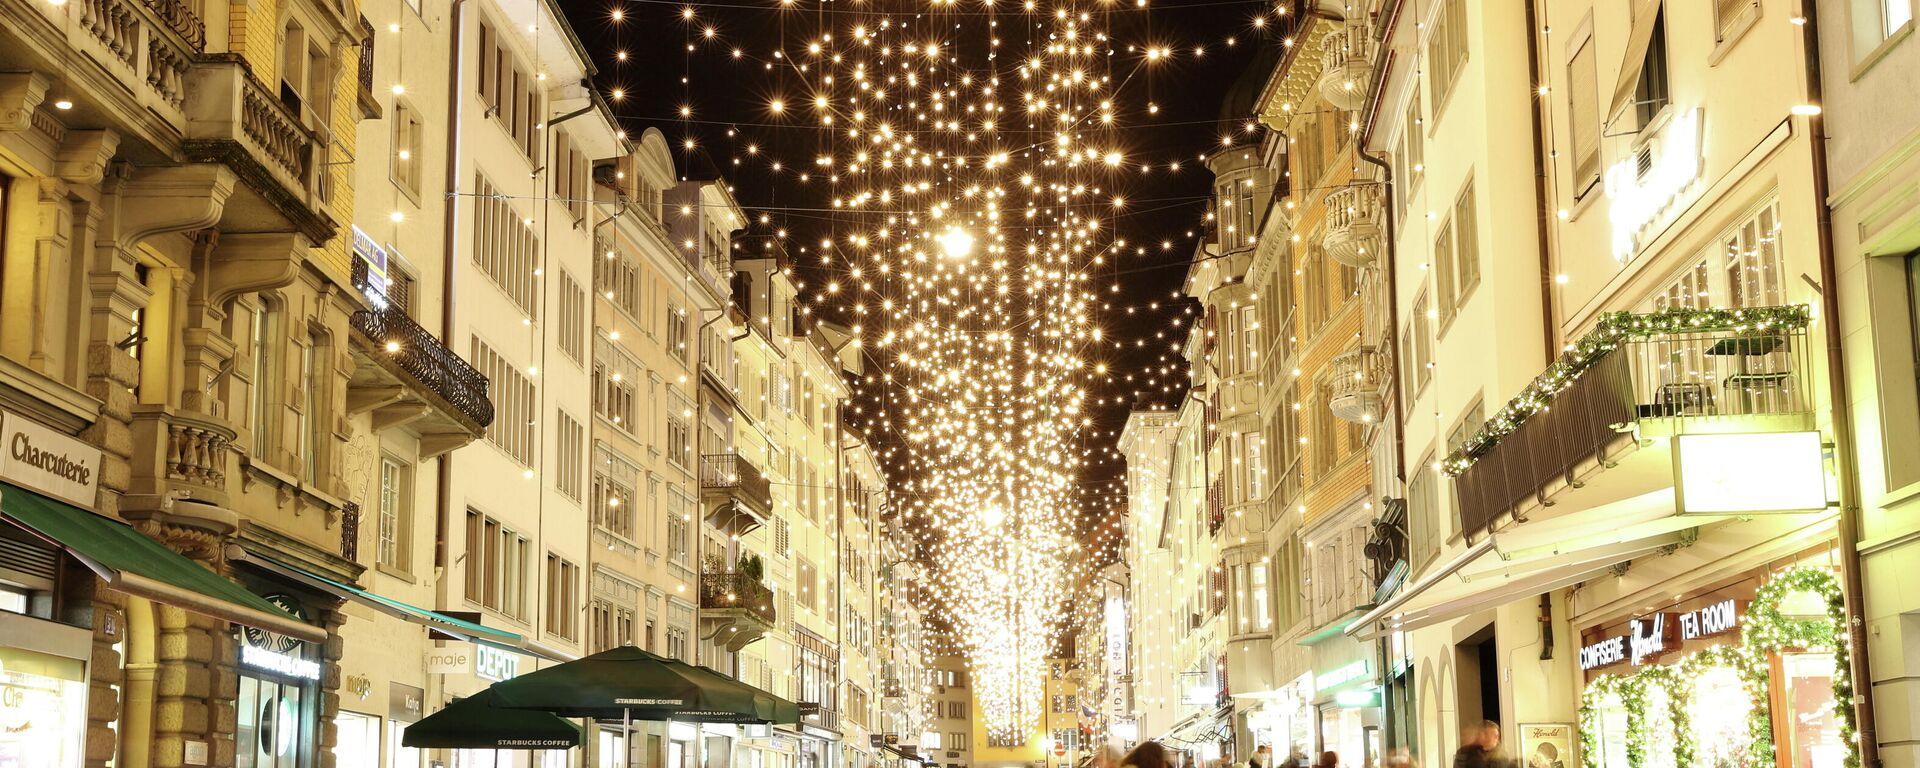 Weihnachtsdekoration der Züricher Straßen - SNA, 1920, 07.12.2020